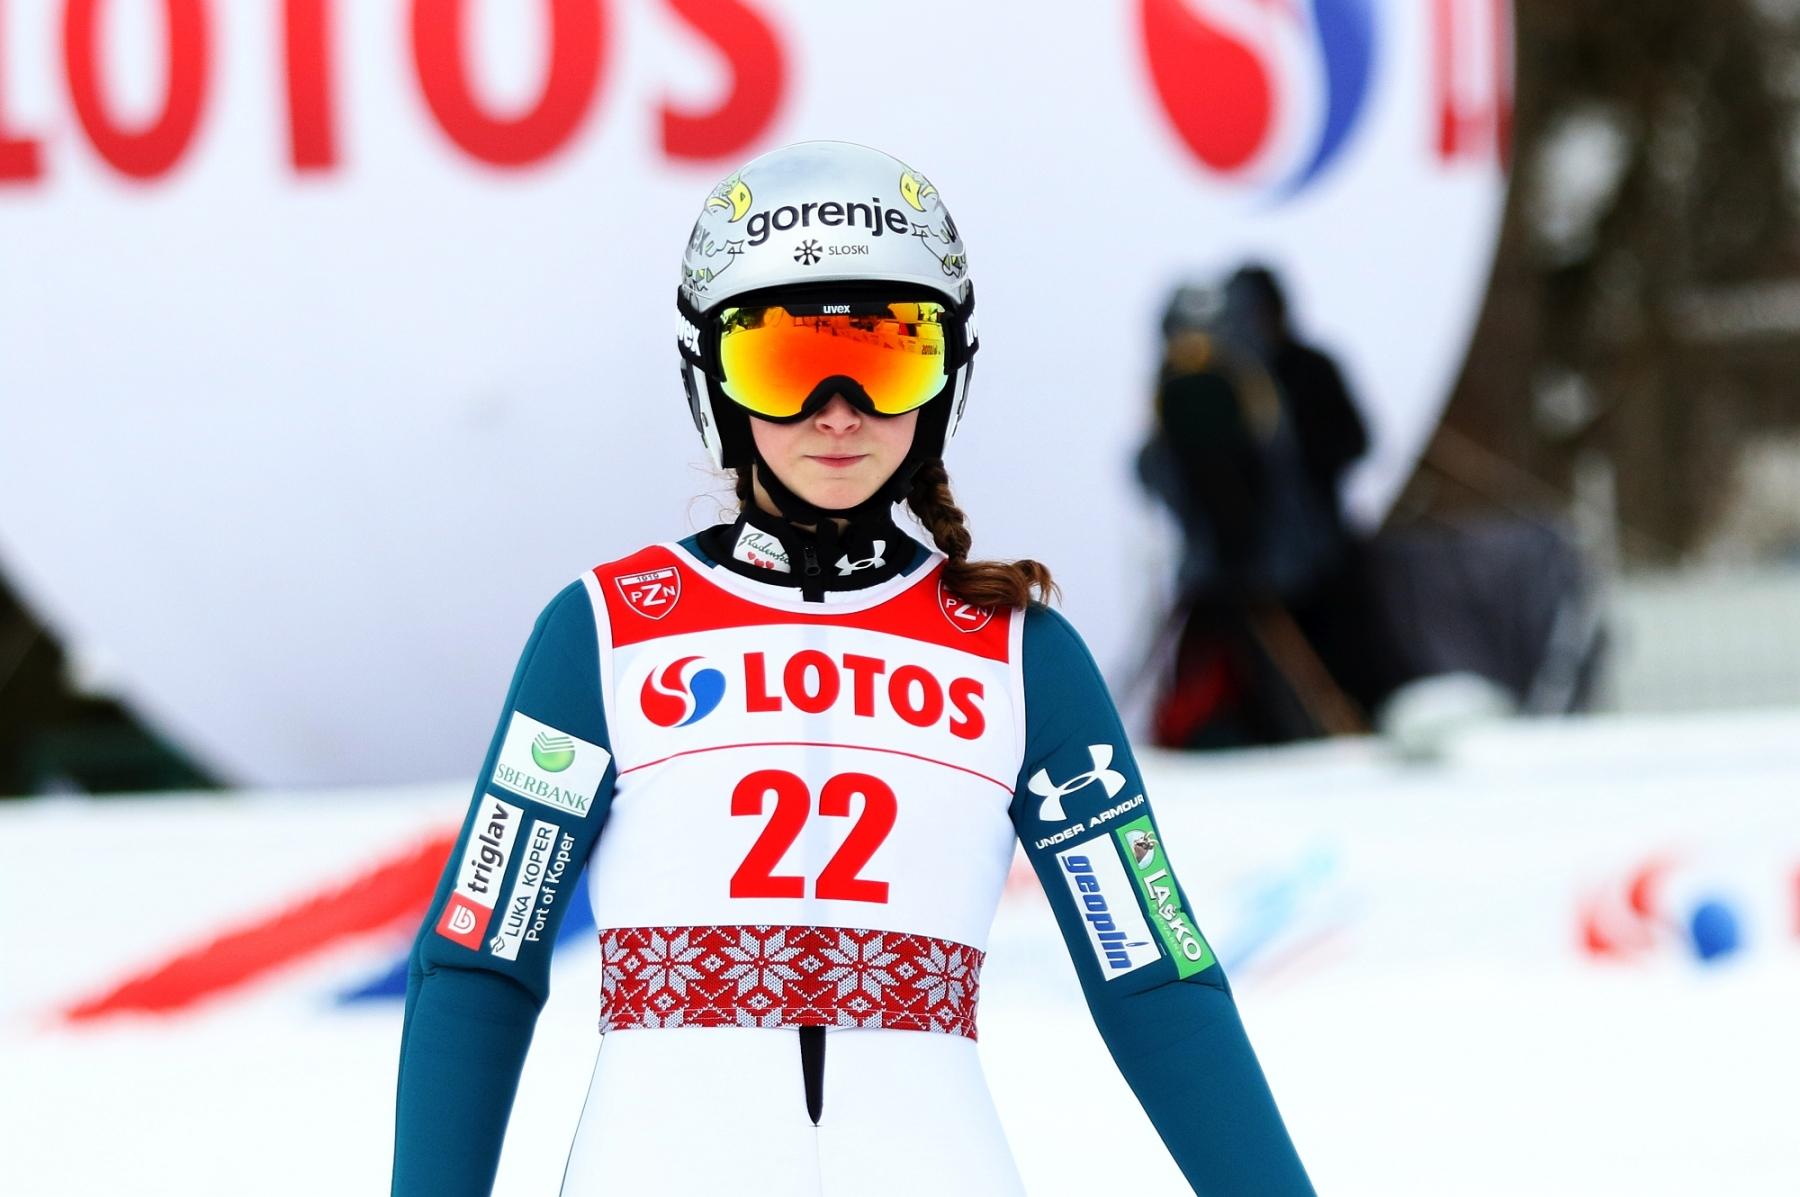 You are currently viewing Torazza, Scharfenberg i Prevc wygrywają niemieckie konkursy Alpen Cup